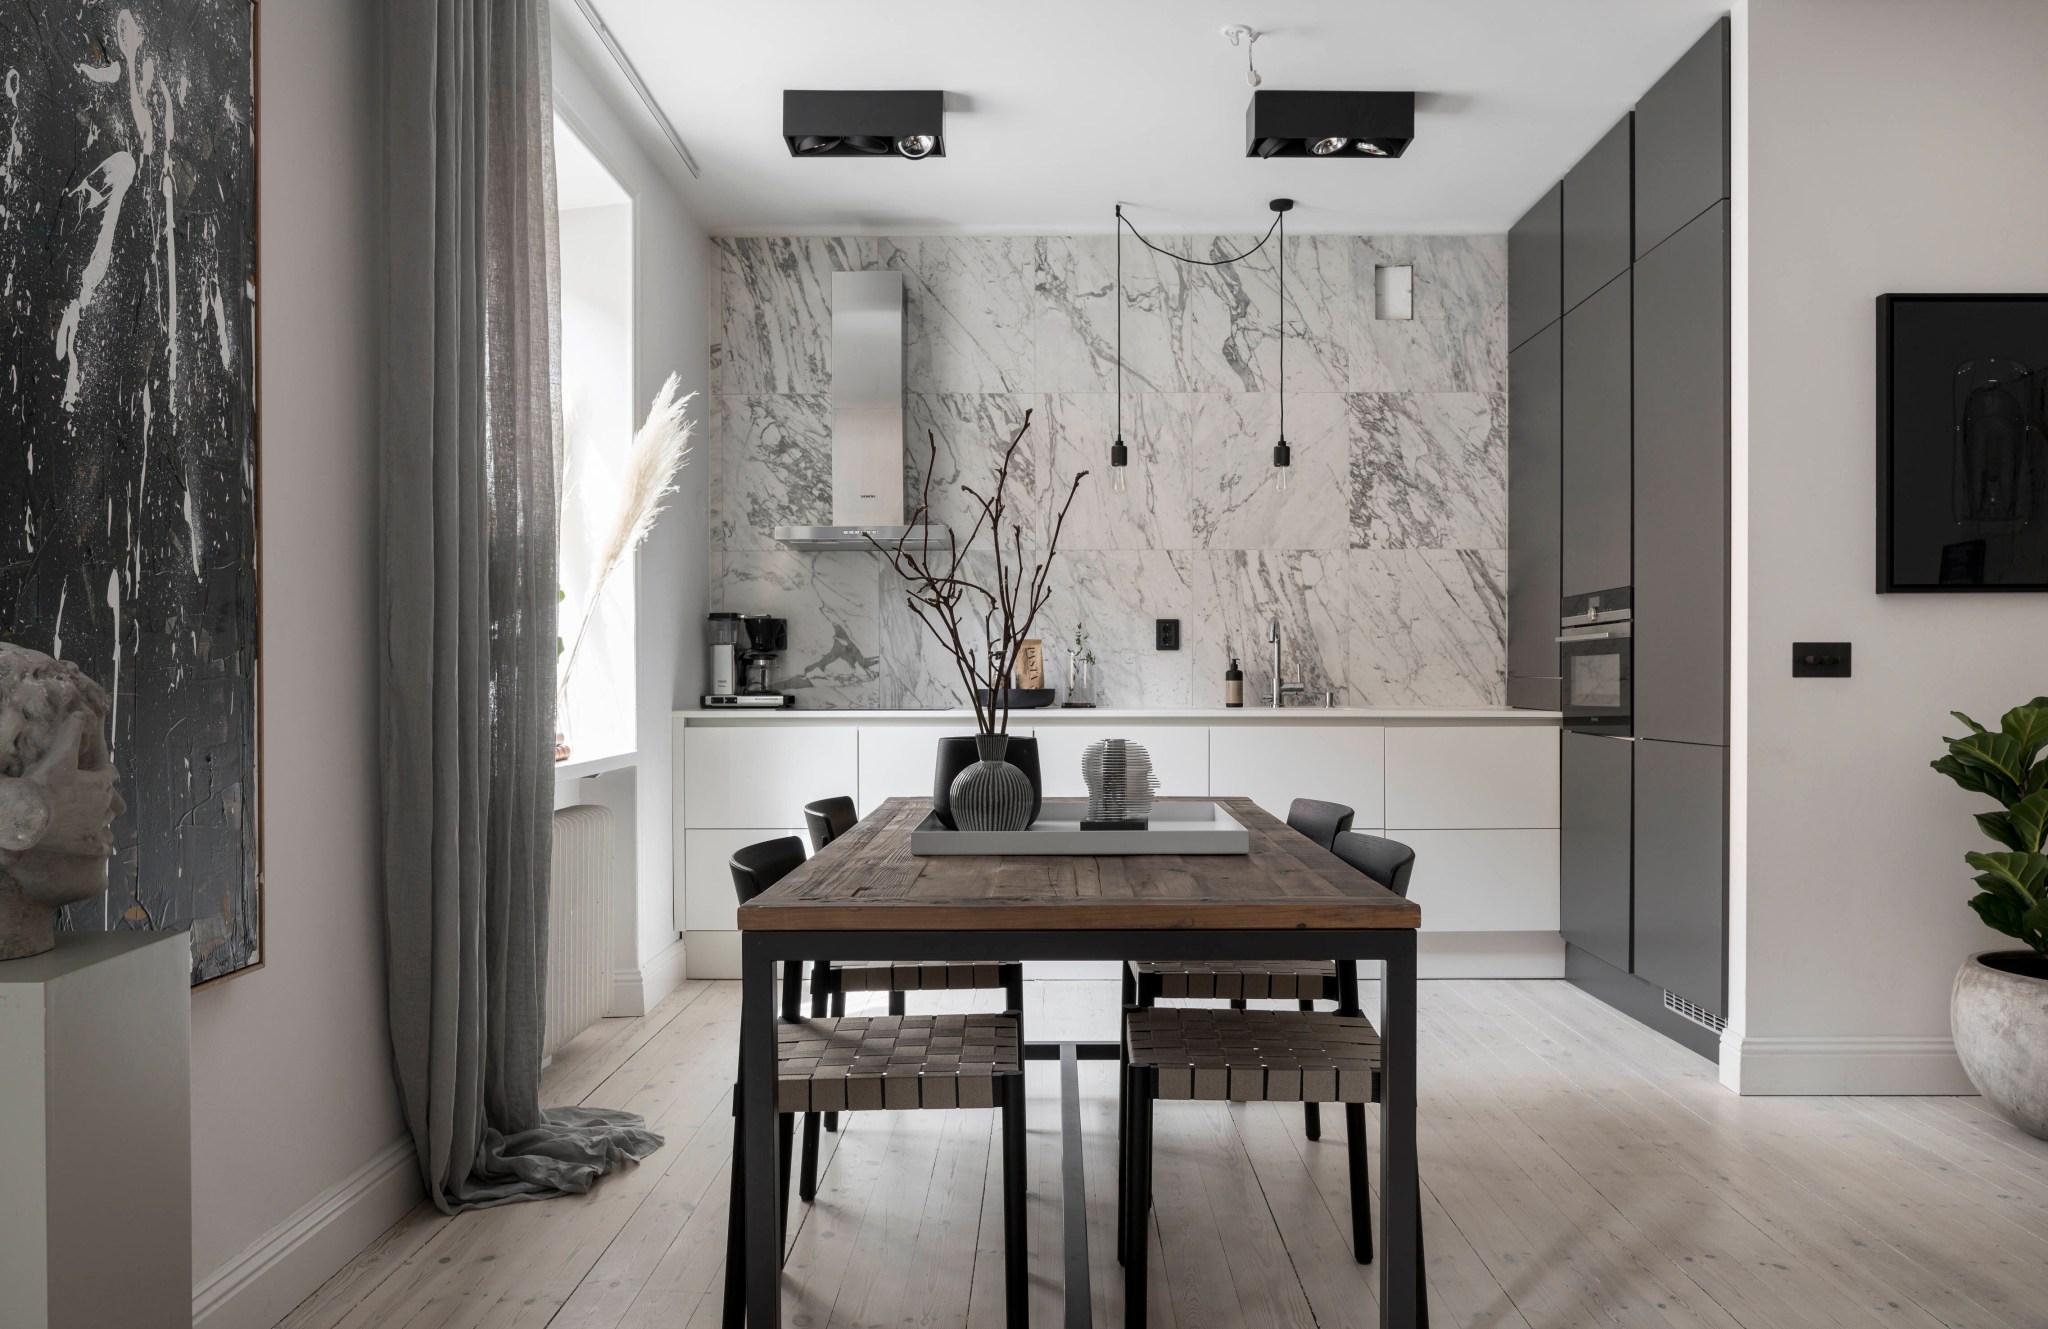 Uși de sticlă între living și dormitor într o garsonieră de 49 m² din Suedia 2